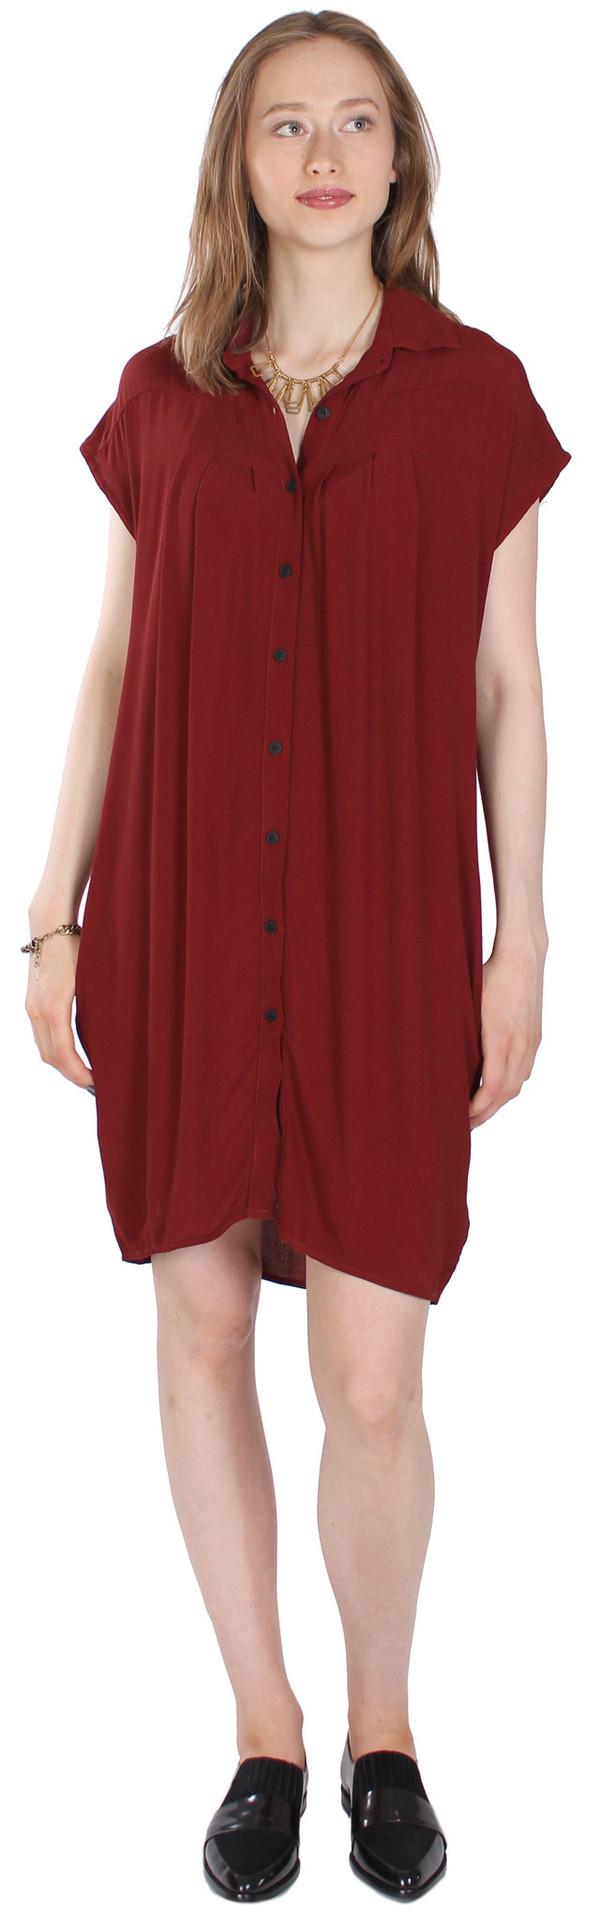 Kain Label Felder Dress